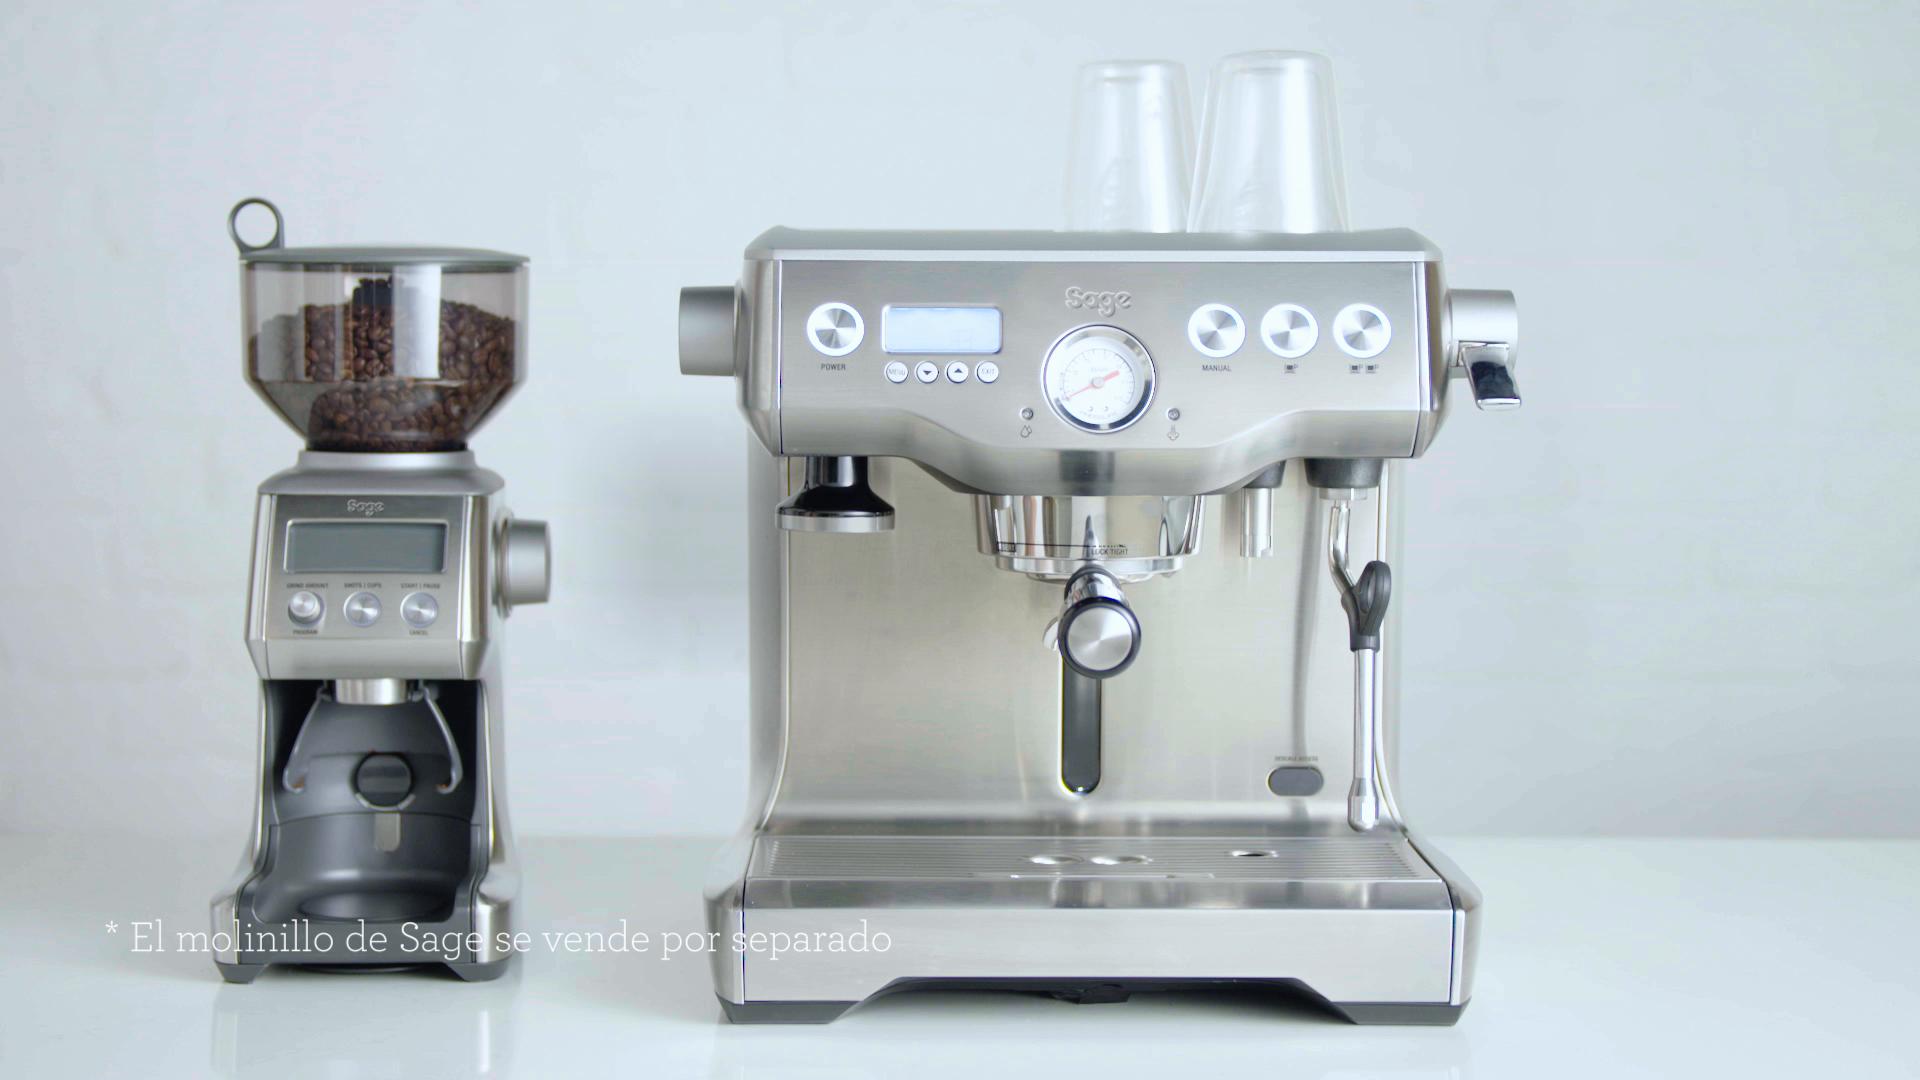 Sage Appliances BES920, Máquina de café espresso sin molinillo, Acero inoxidable cepillado: Amazon.es: Hogar